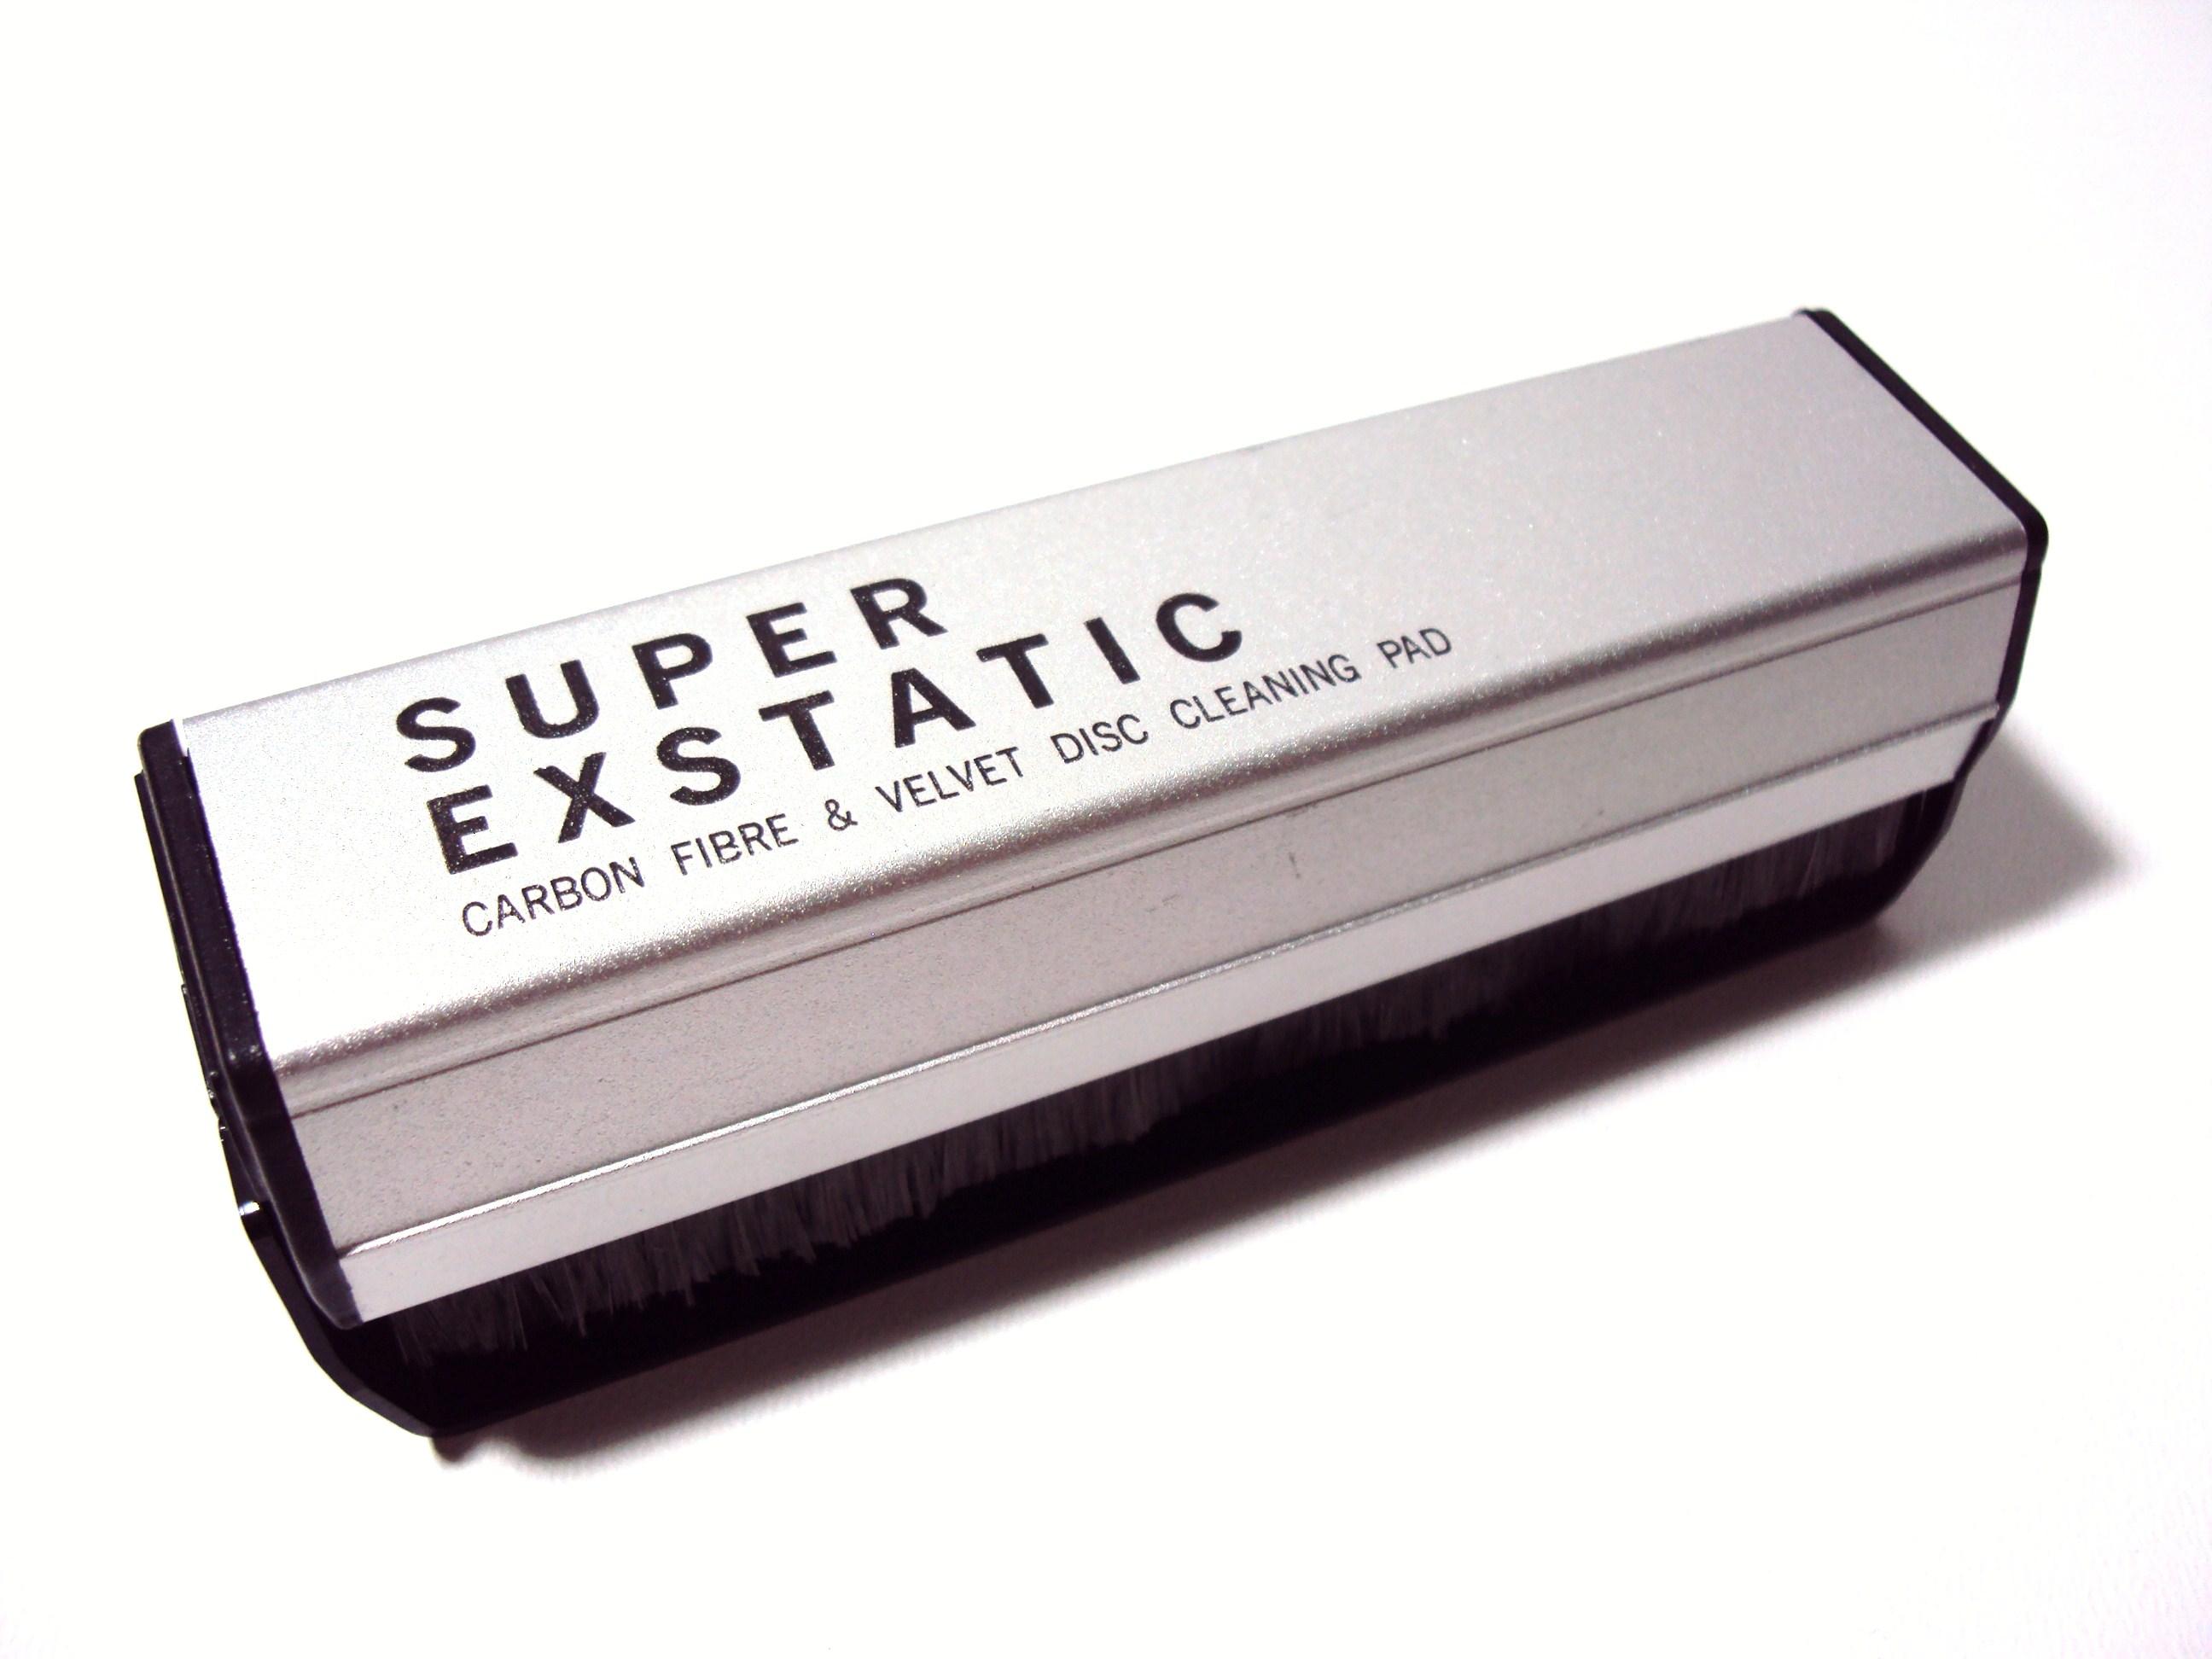 Goldring Super exstatic brush